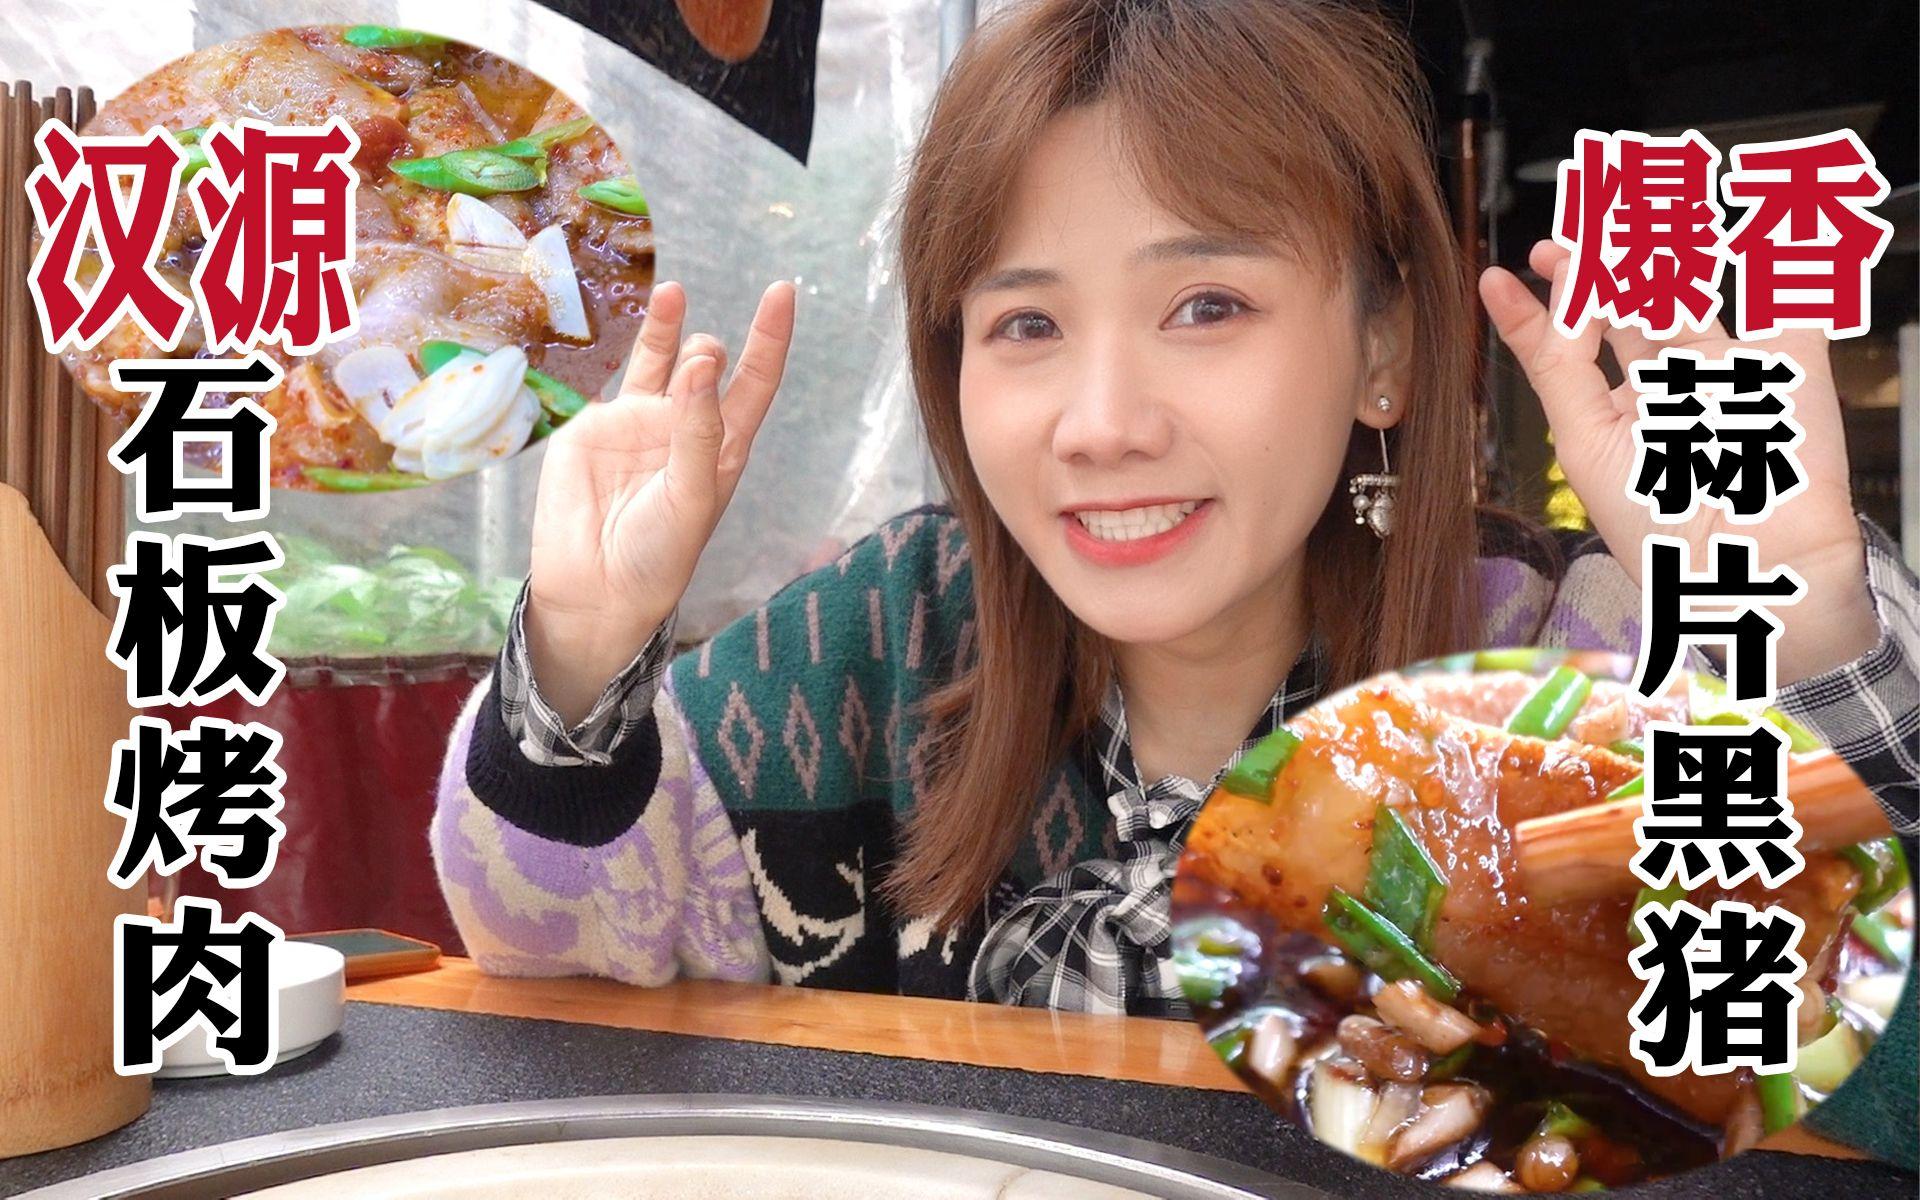 100斤大青石疯狂冒油烤肉 | 成都美食探店